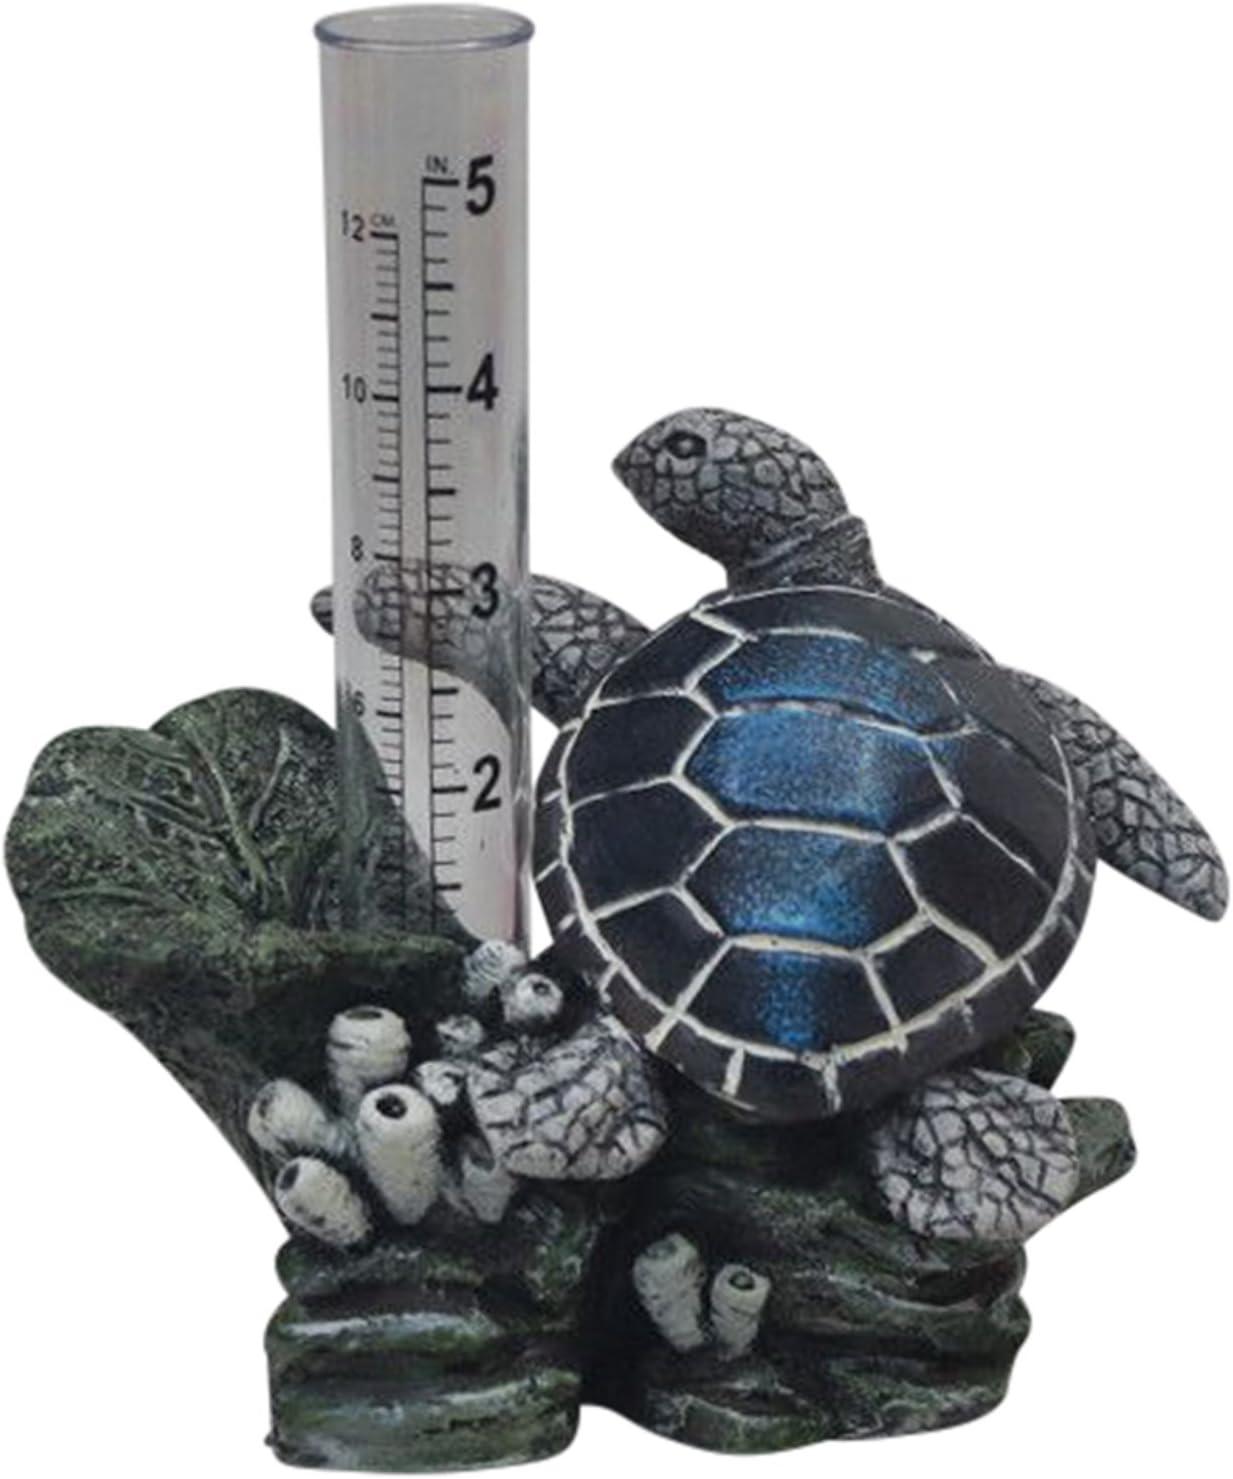 The Crabby Nook Small Rain Gauge Garden Outdoor Decor (Sea Turtle)